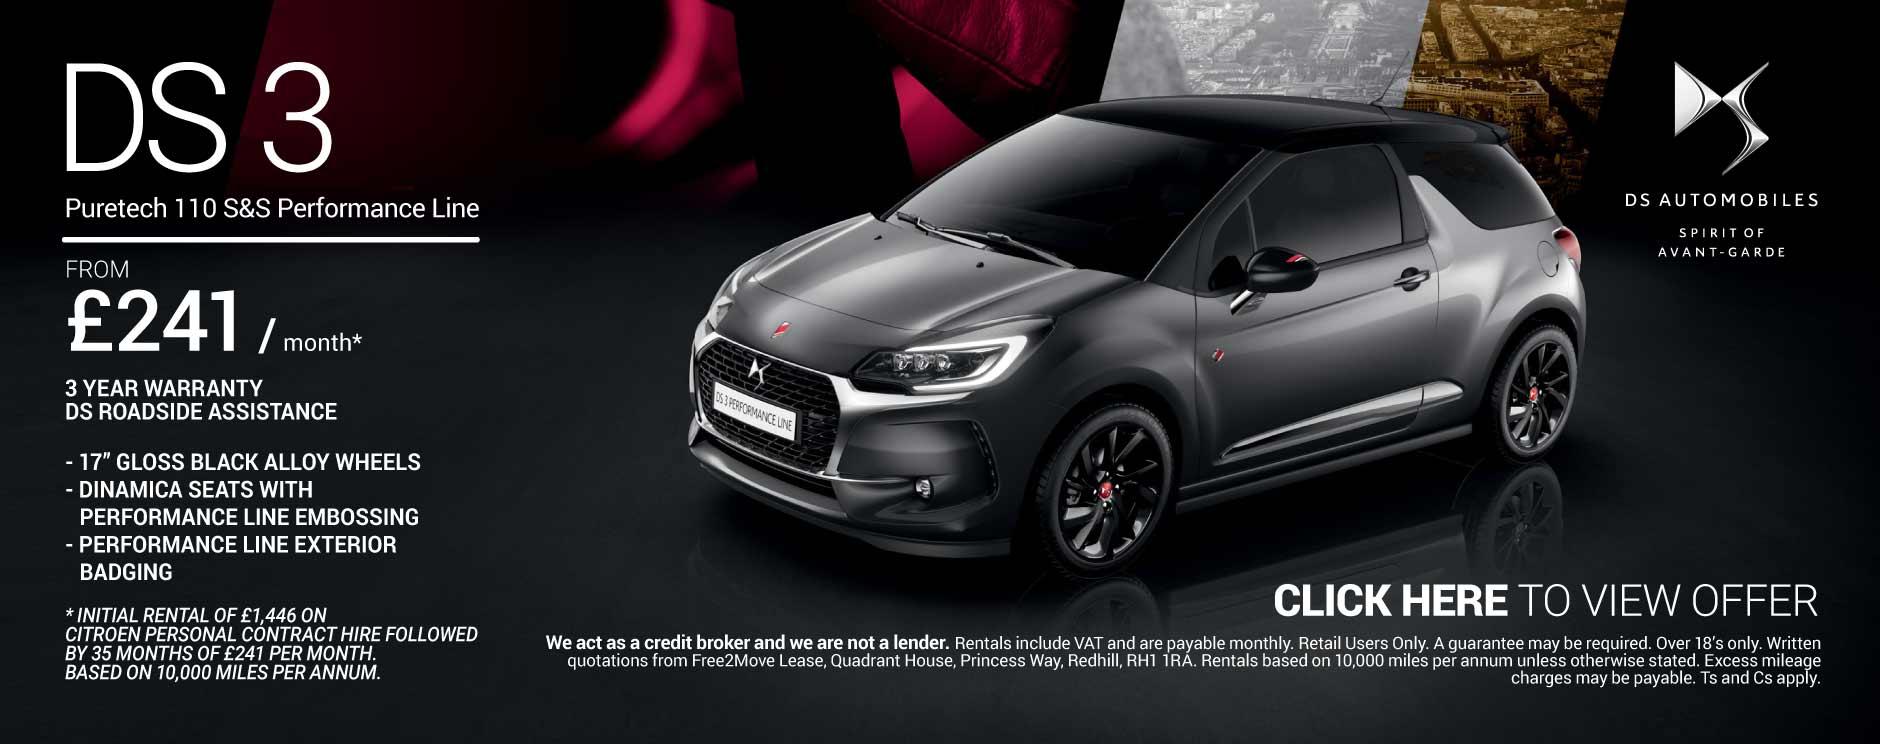 ds 3 performance black deals new ds 3 performance black cars for sale bristol street. Black Bedroom Furniture Sets. Home Design Ideas